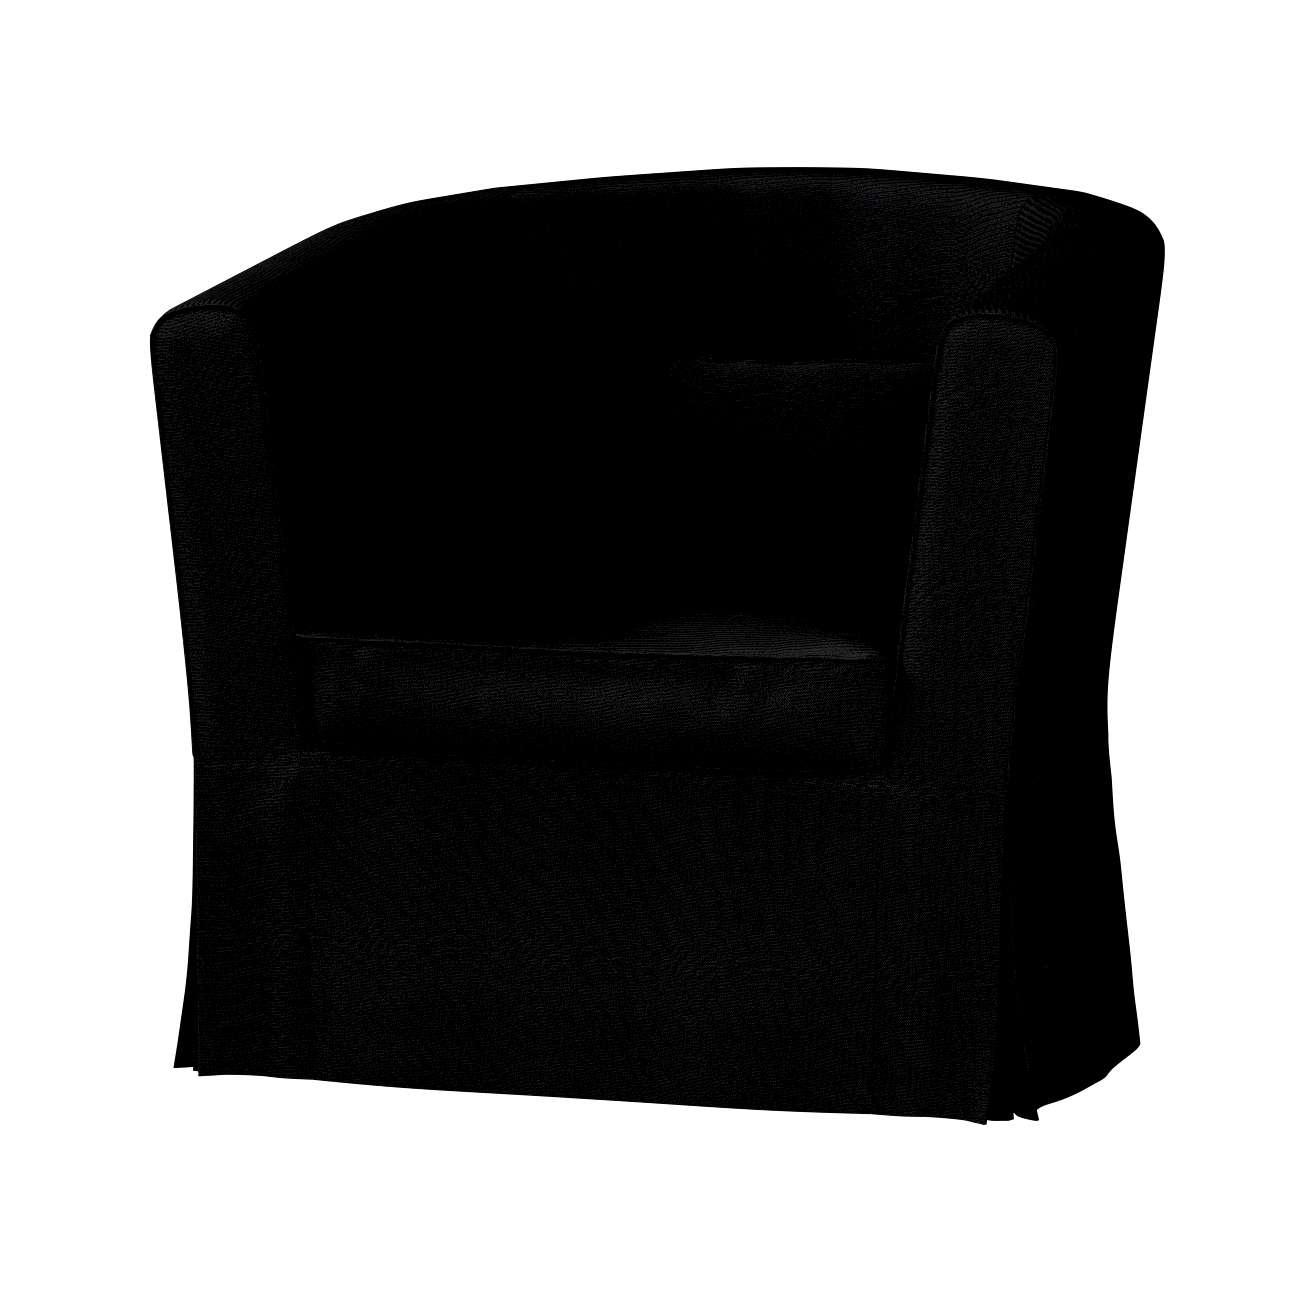 Pokrowiec na fotel Ektorp Tullsta w kolekcji Etna , tkanina: 705-00